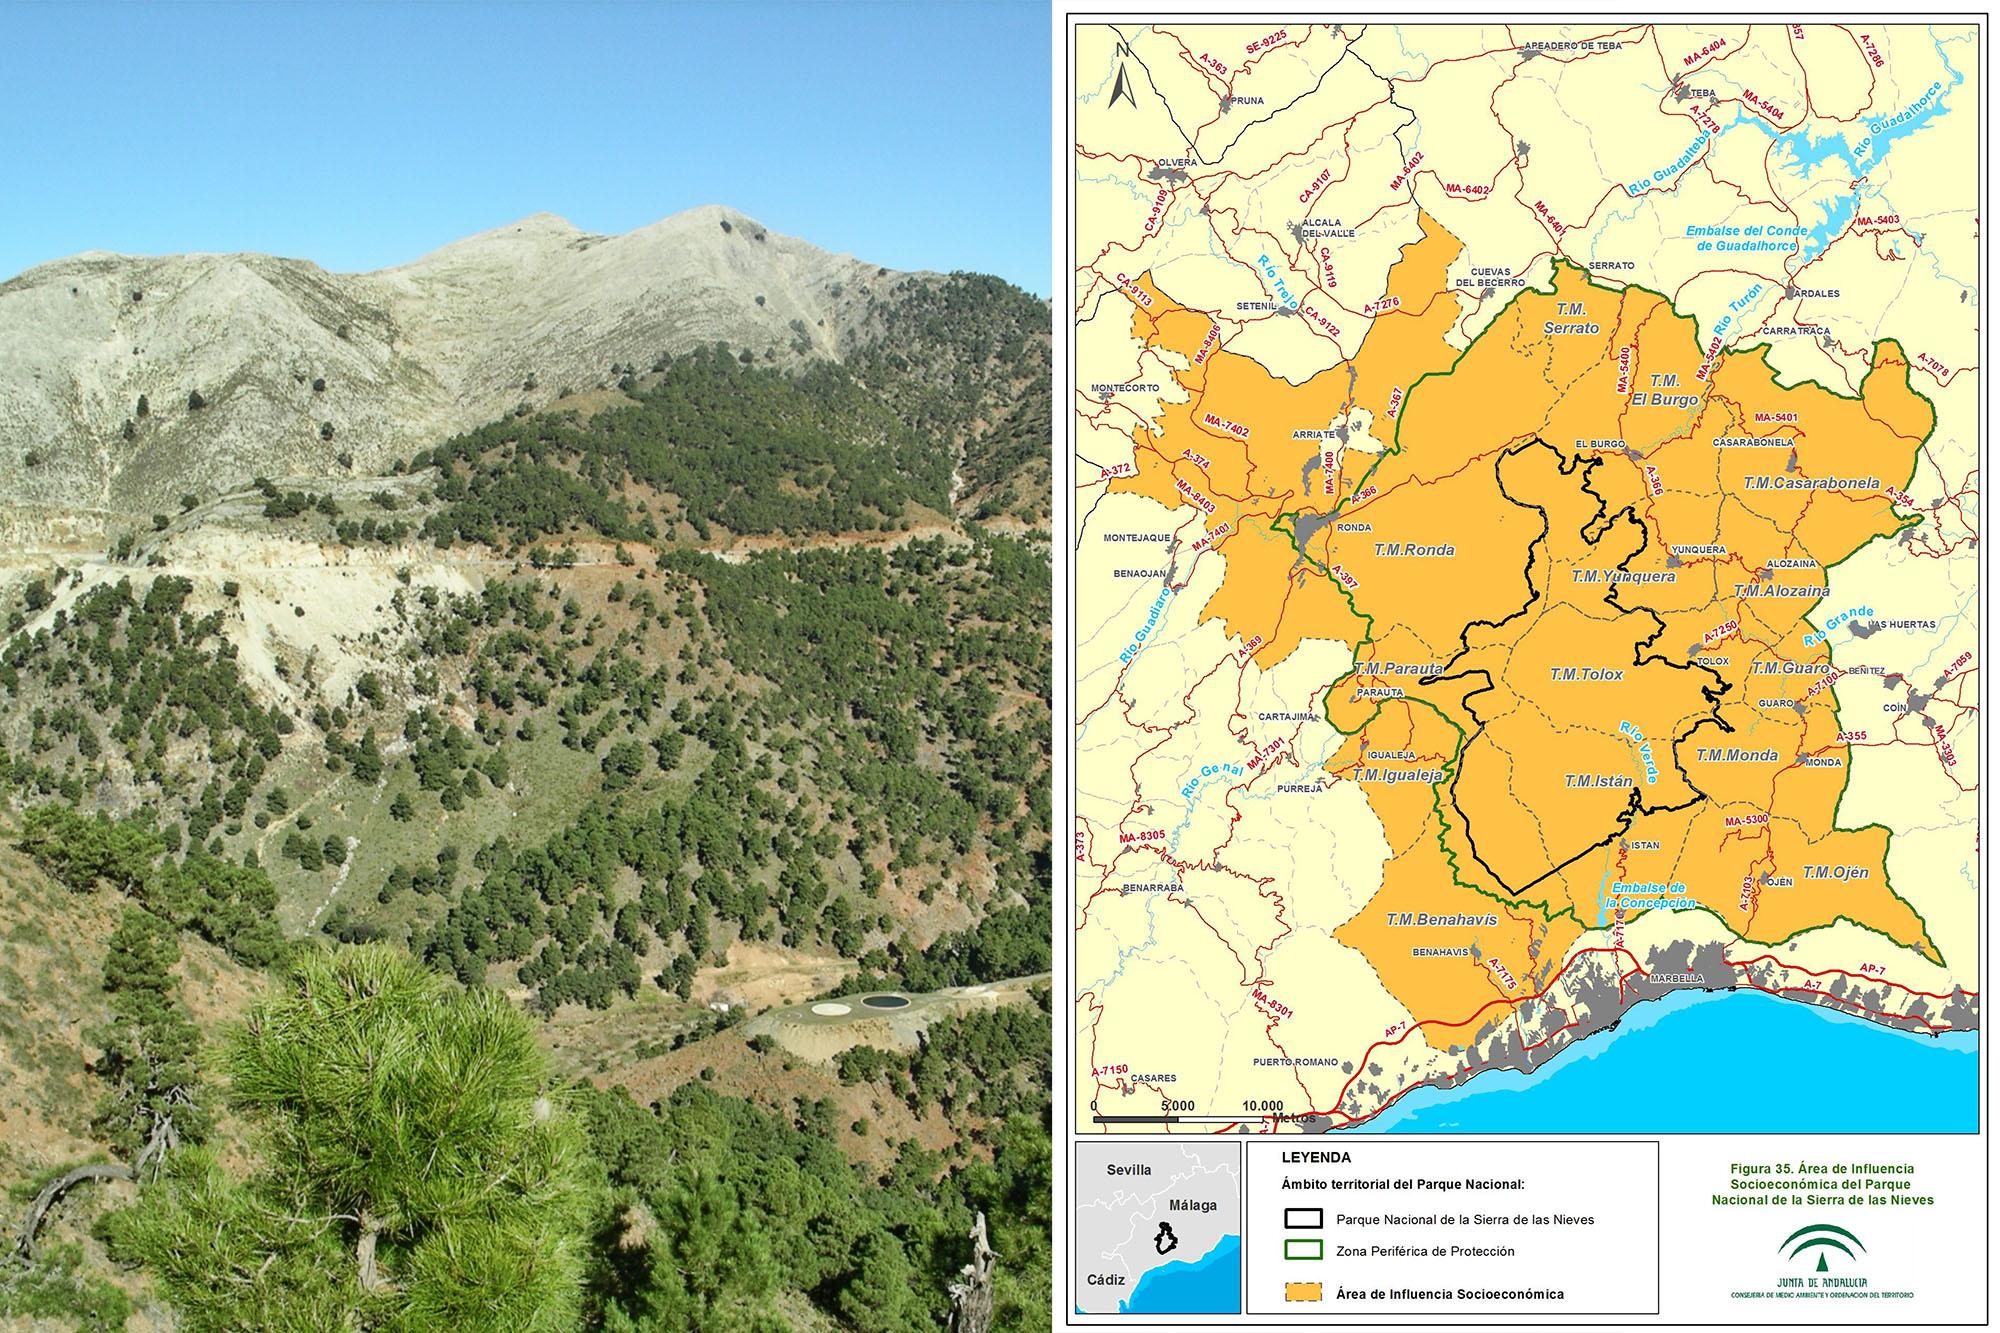 Propuesta de Parque Nacional Sierra de las Nieves